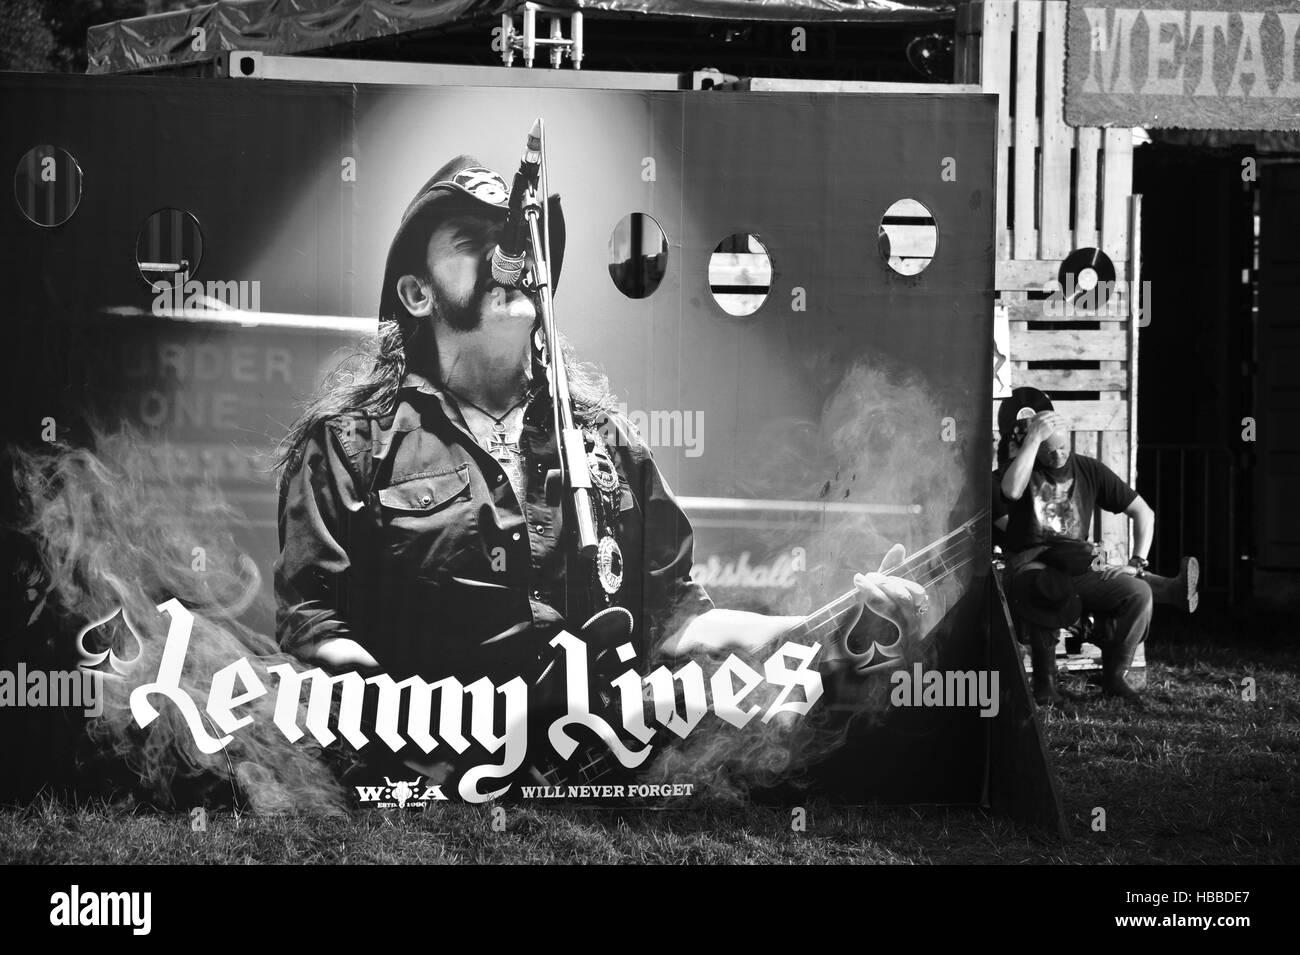 Wacken Open Air 2016, 05.08.2016: Gedenken an Lemmy Kilmister (Motoerhead) auf dem Festival. Editorial use only. - Stock Image